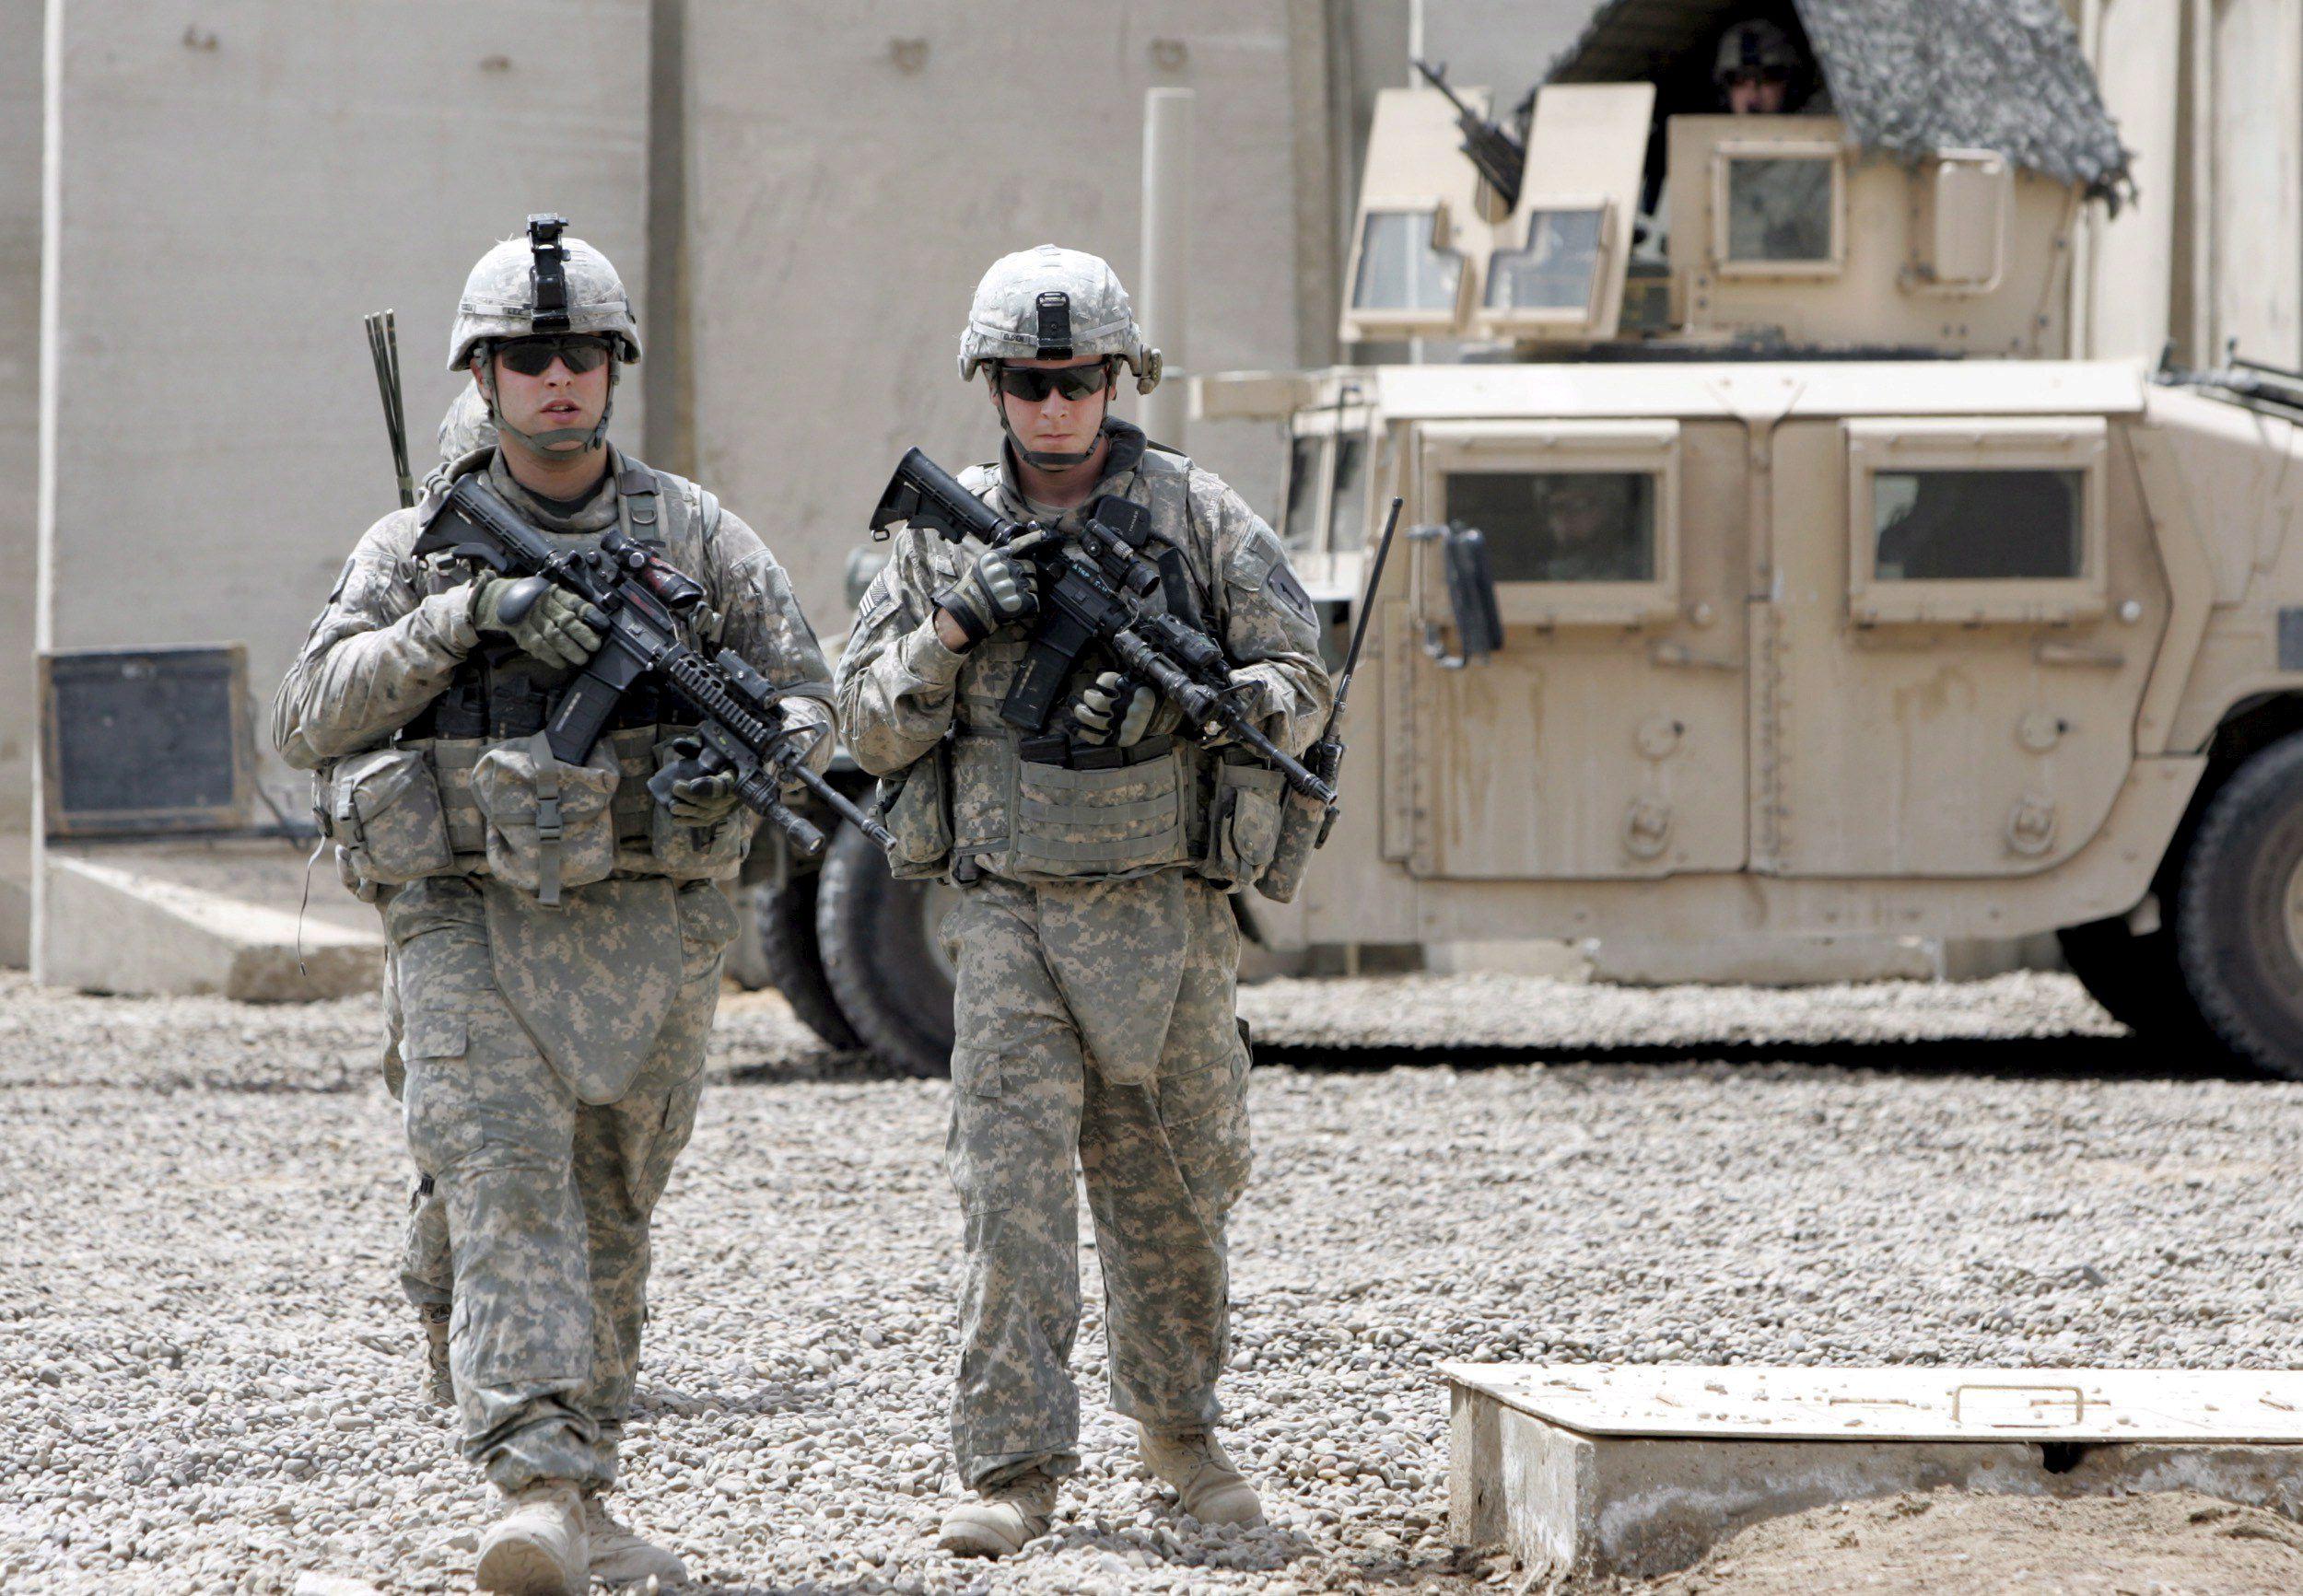 Base de EE.UU. y OTAN en Afganistán sufre ataque con misiles